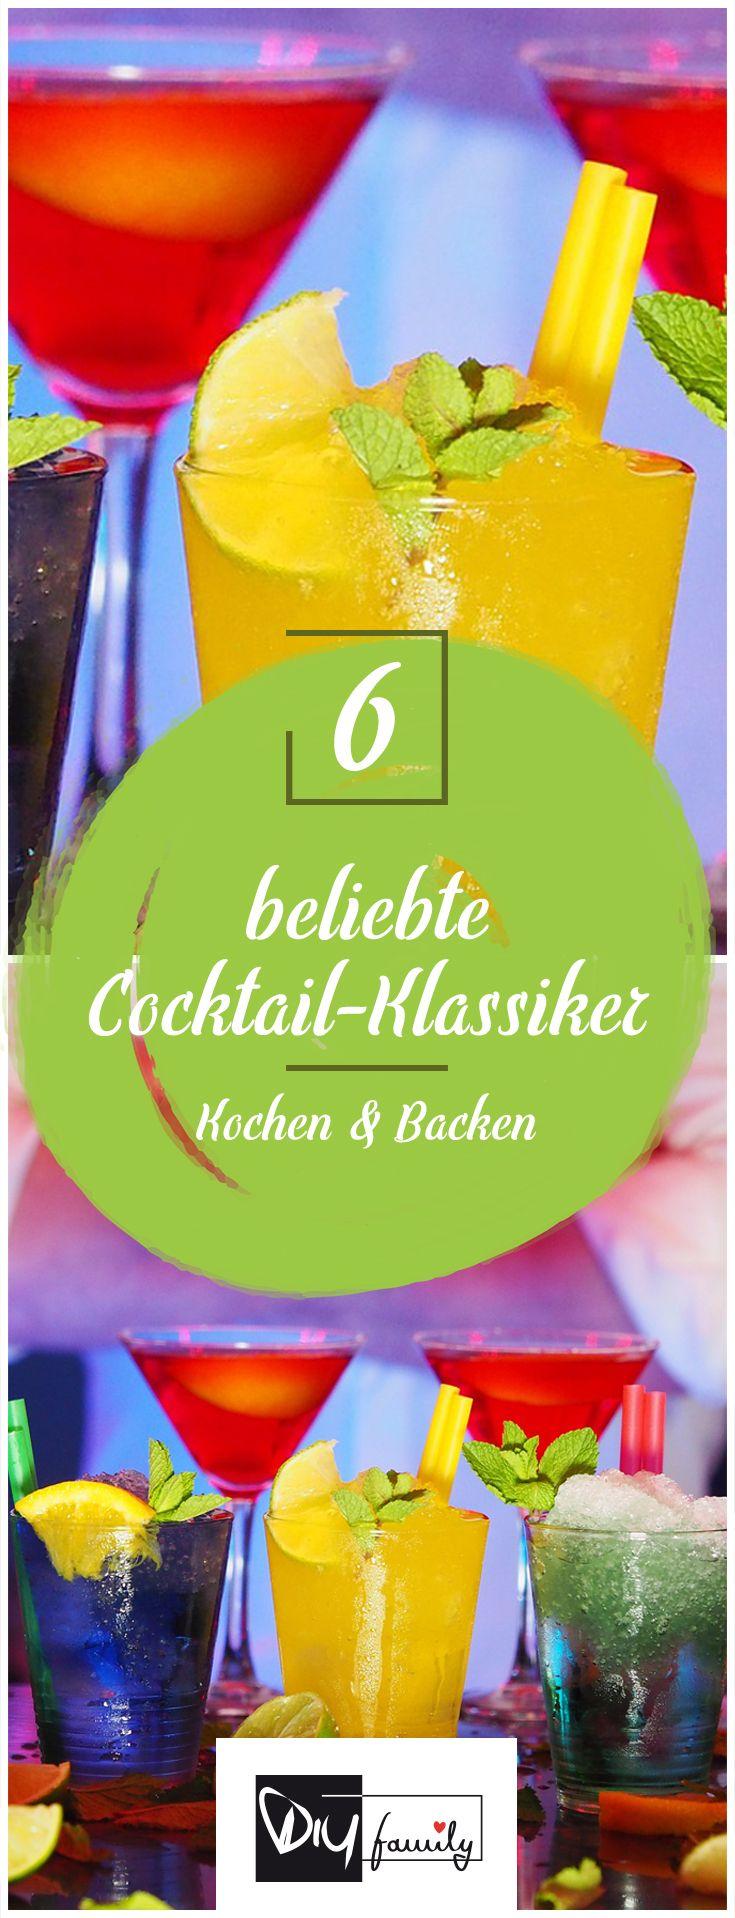 Die 10 Beliebtesten Cocktails